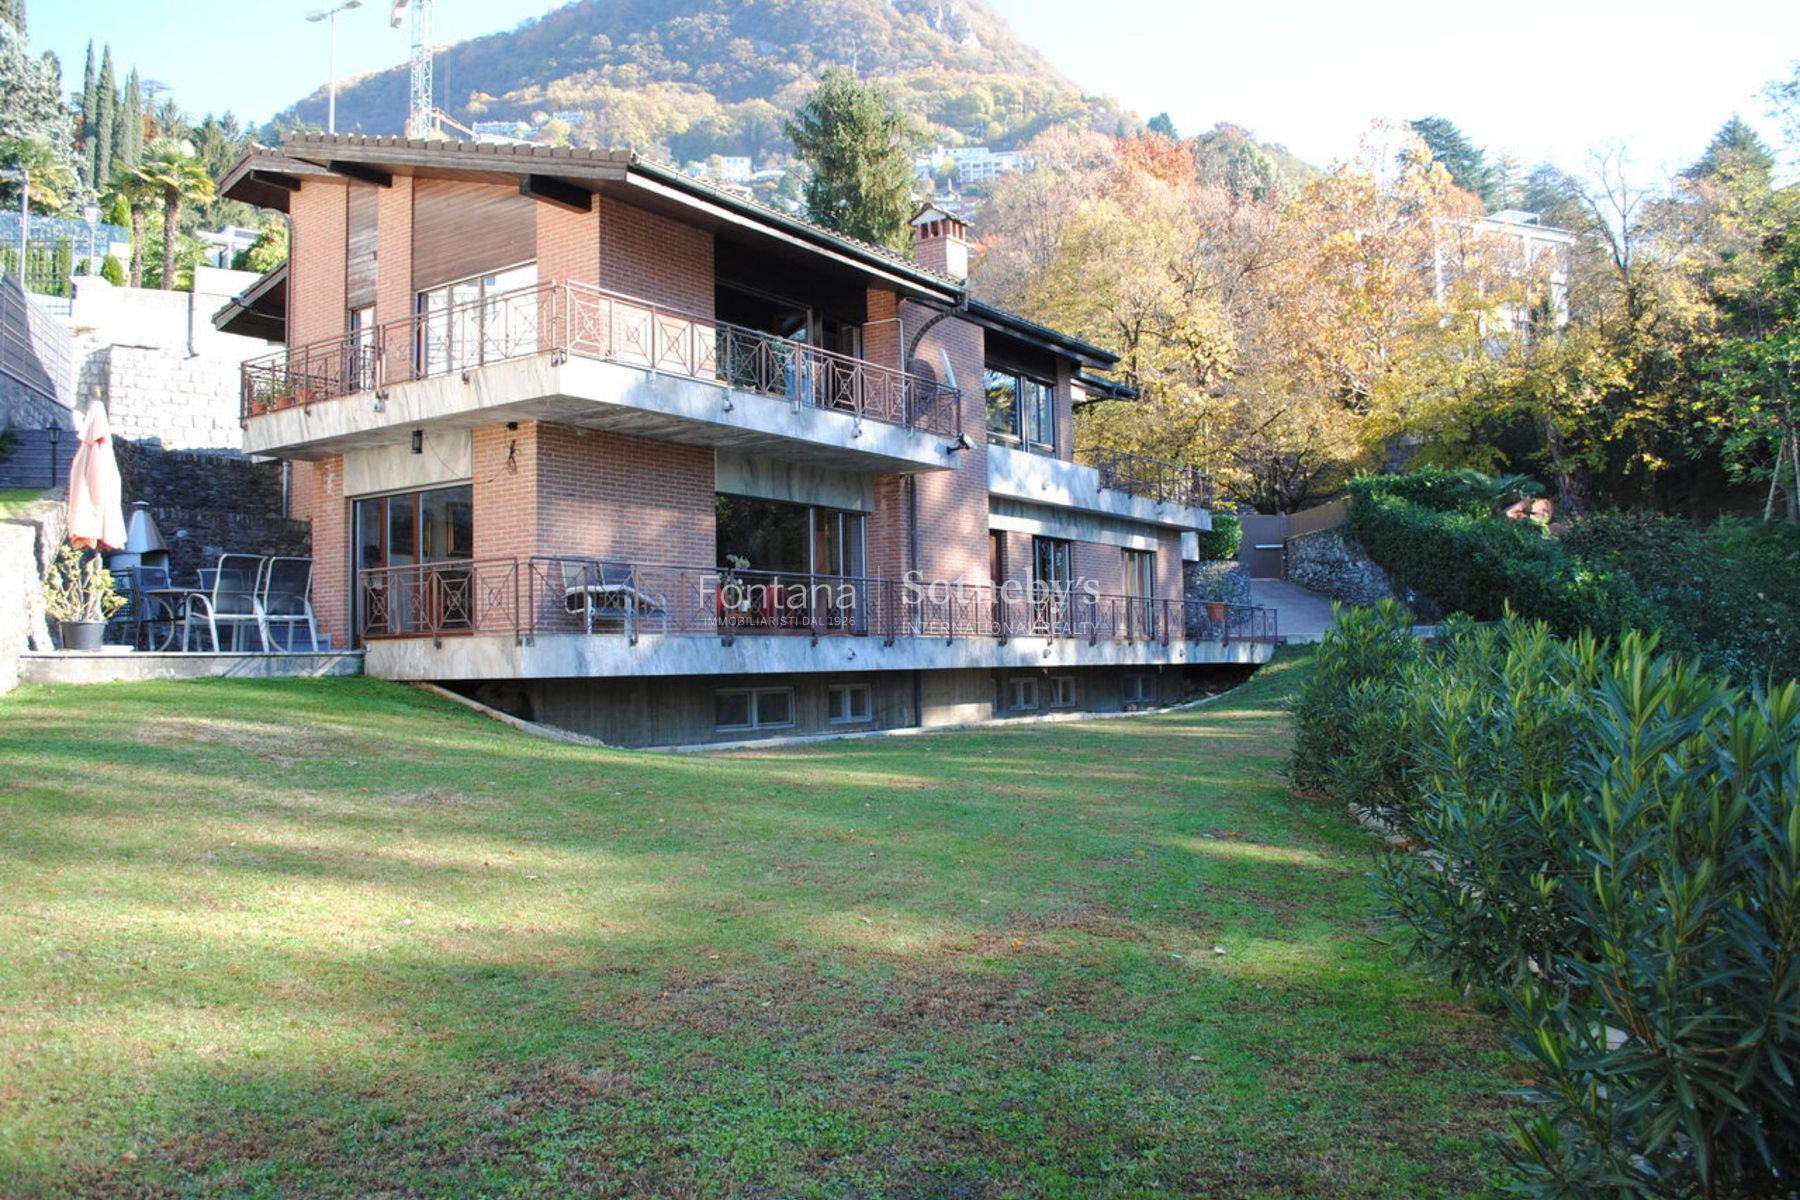 Single Family Home for Sale at Villa with pool in tranquil area Ruvigliana Lugano, Ticino, 6900 Switzerland